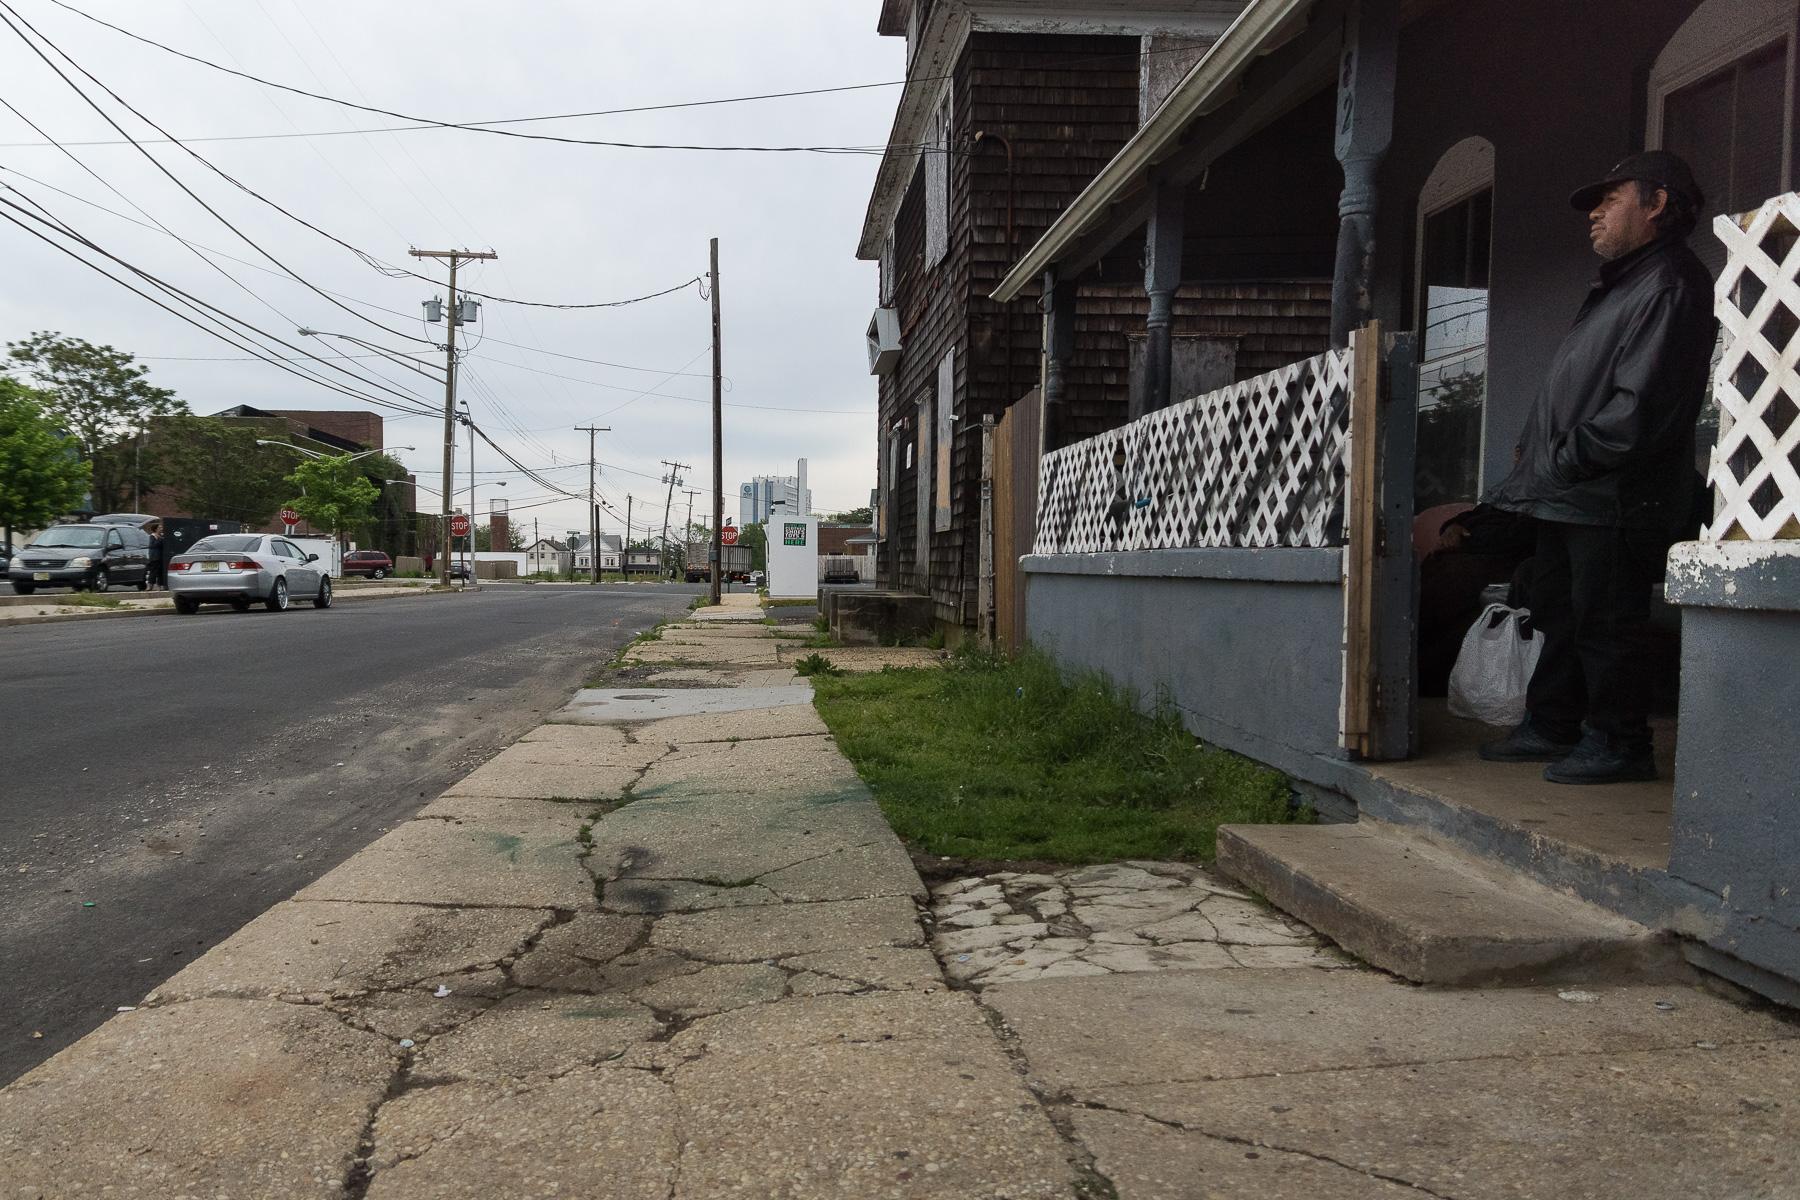 Street in Long Branch